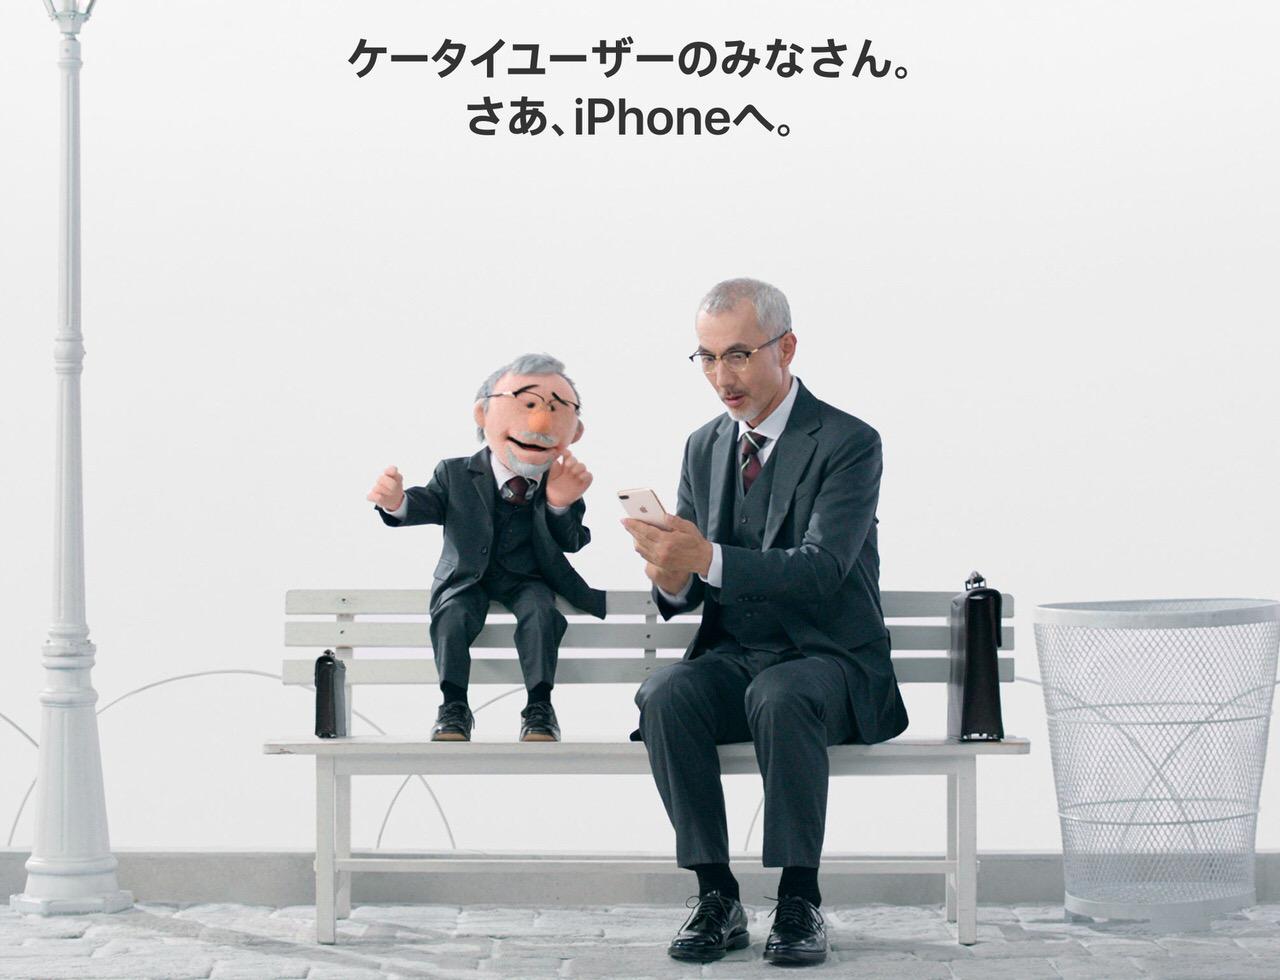 Apple、ケータイからiPhoneへの乗り換えを勧める「ケータイユーザーのみなさん。さあ、iPhoneへ。」公開